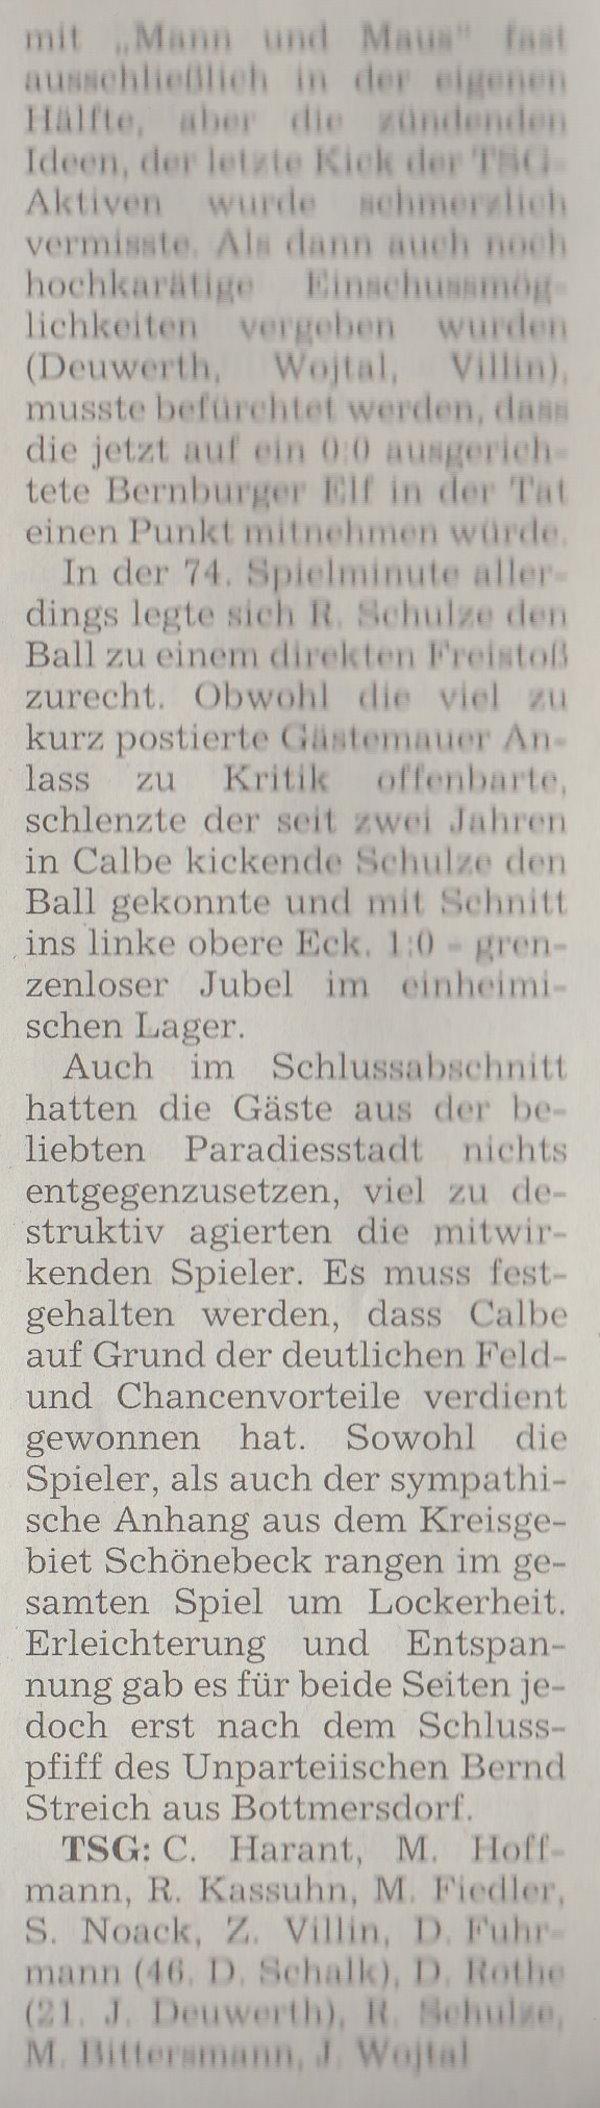 Volksstimme-Artikel vom 02. April 2002 (Teil 2).